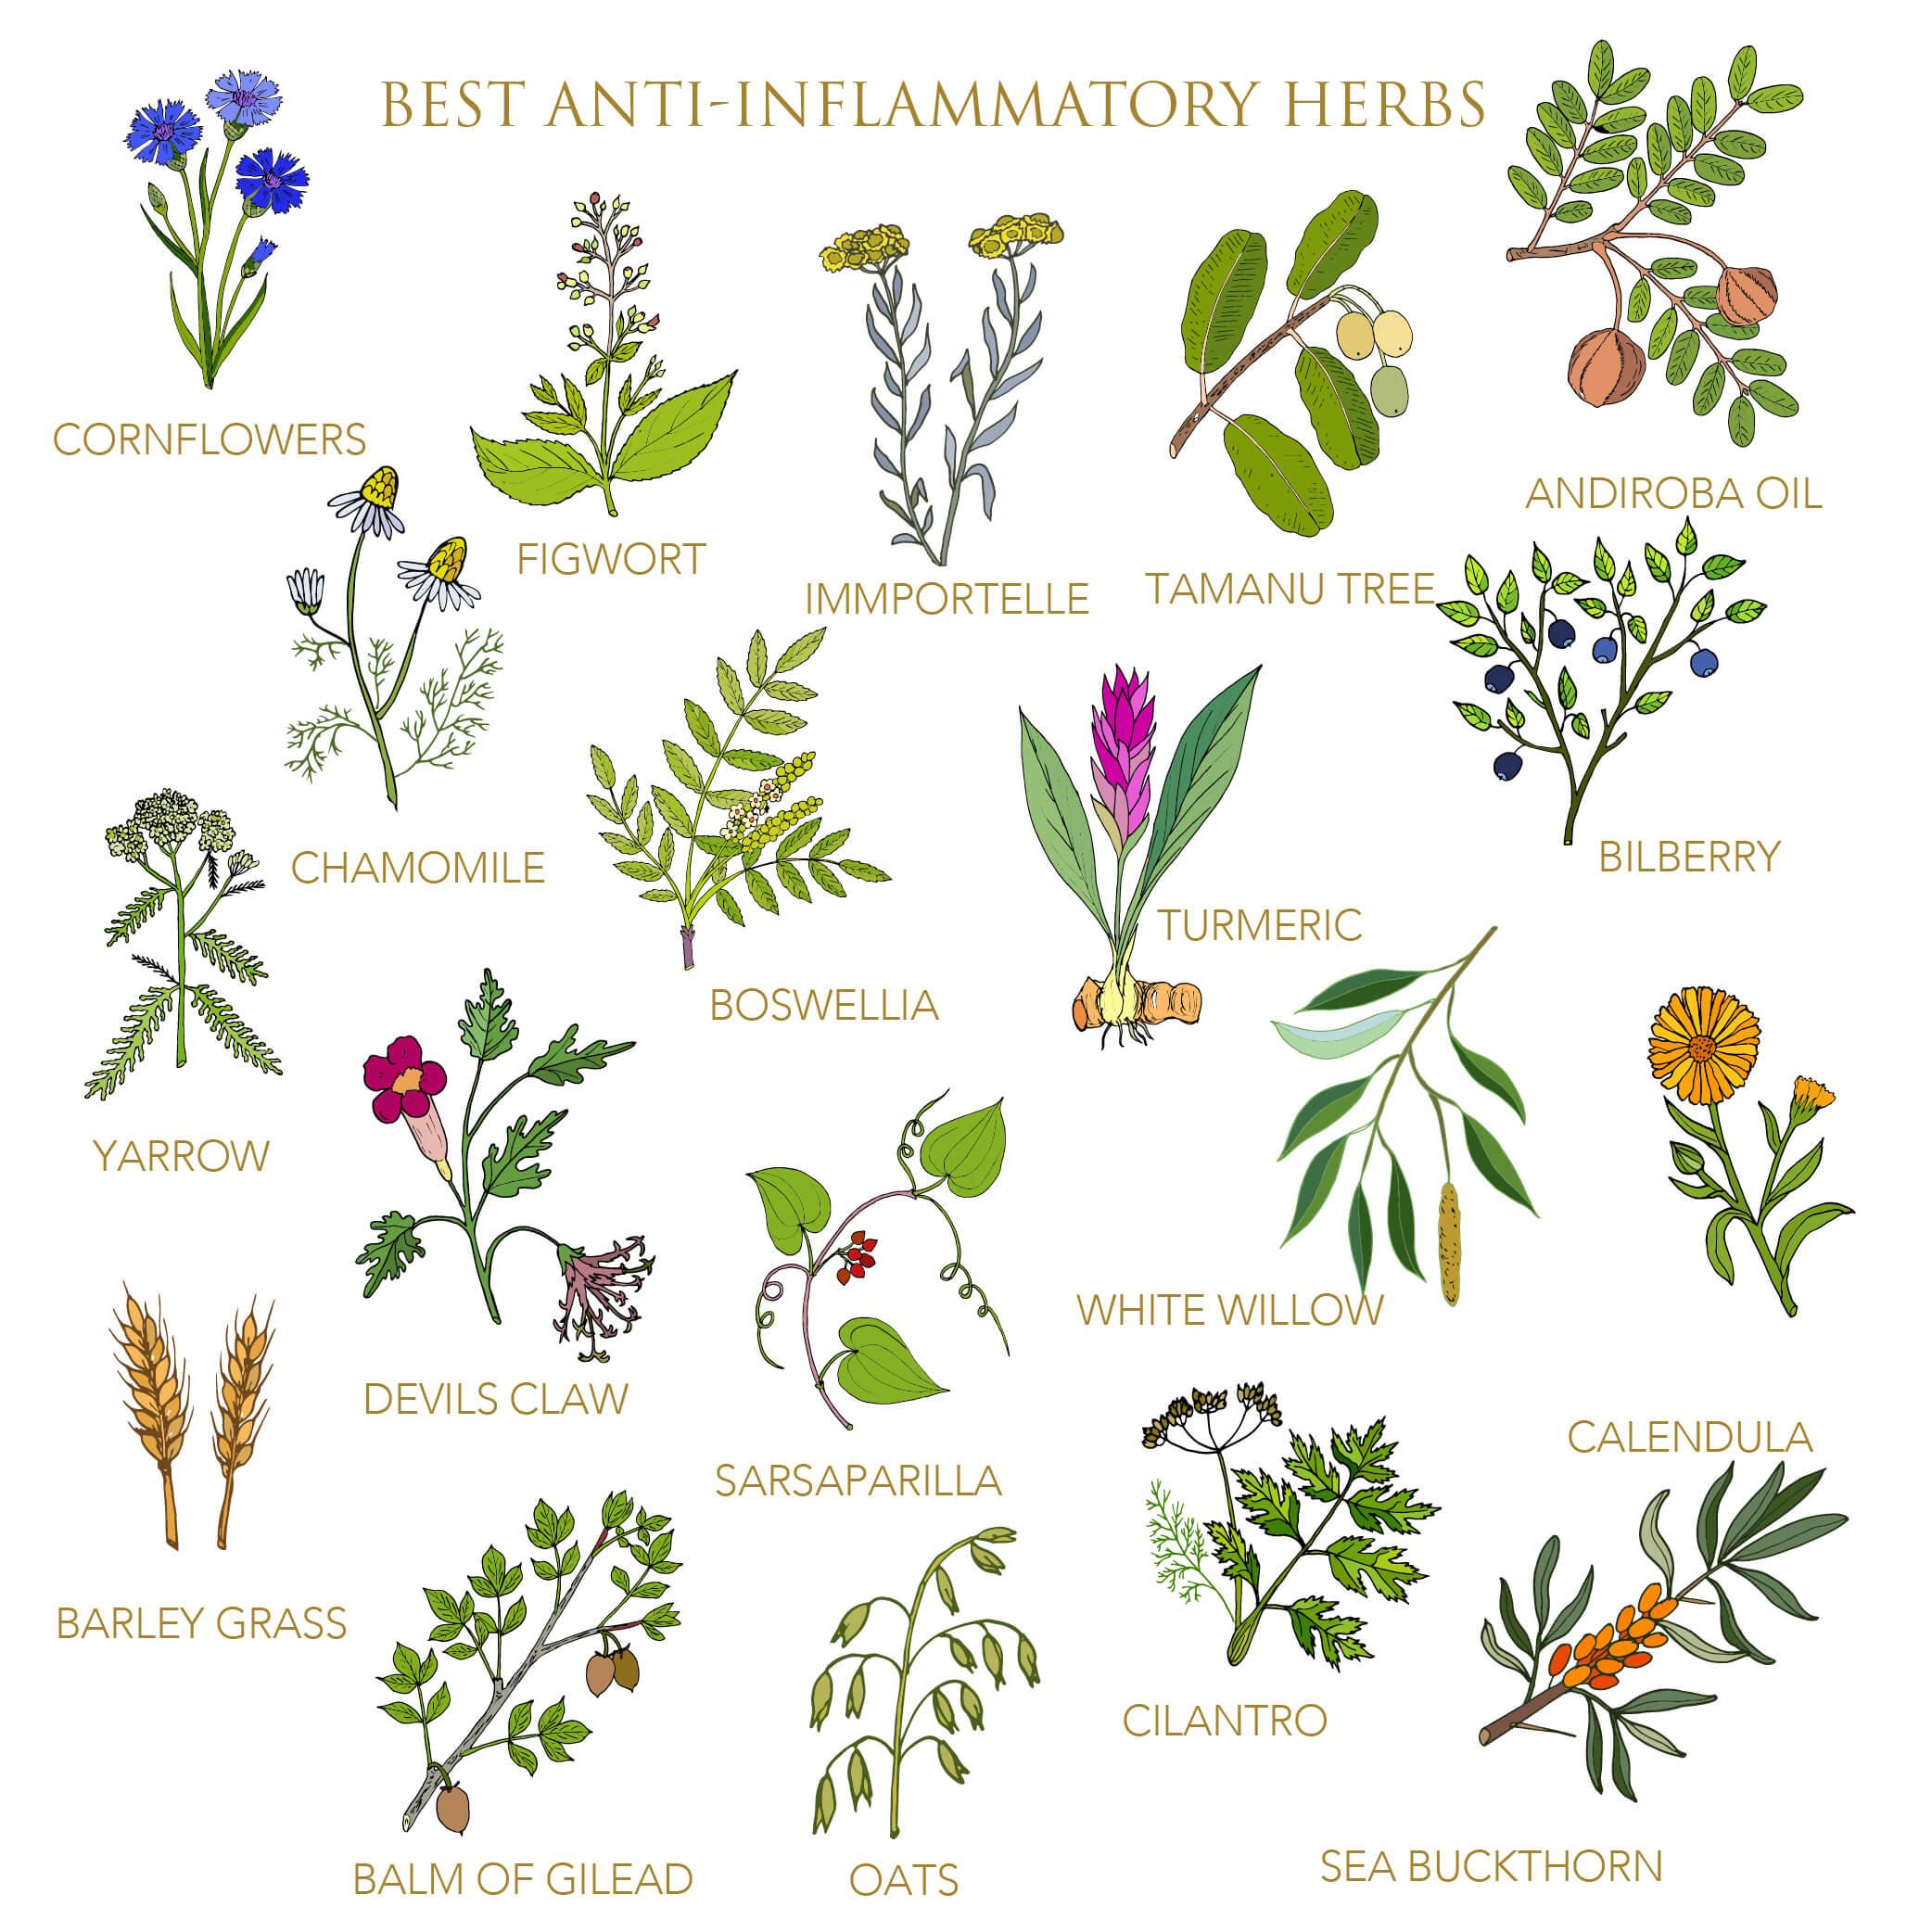 anti-inflammatory herbs infographic